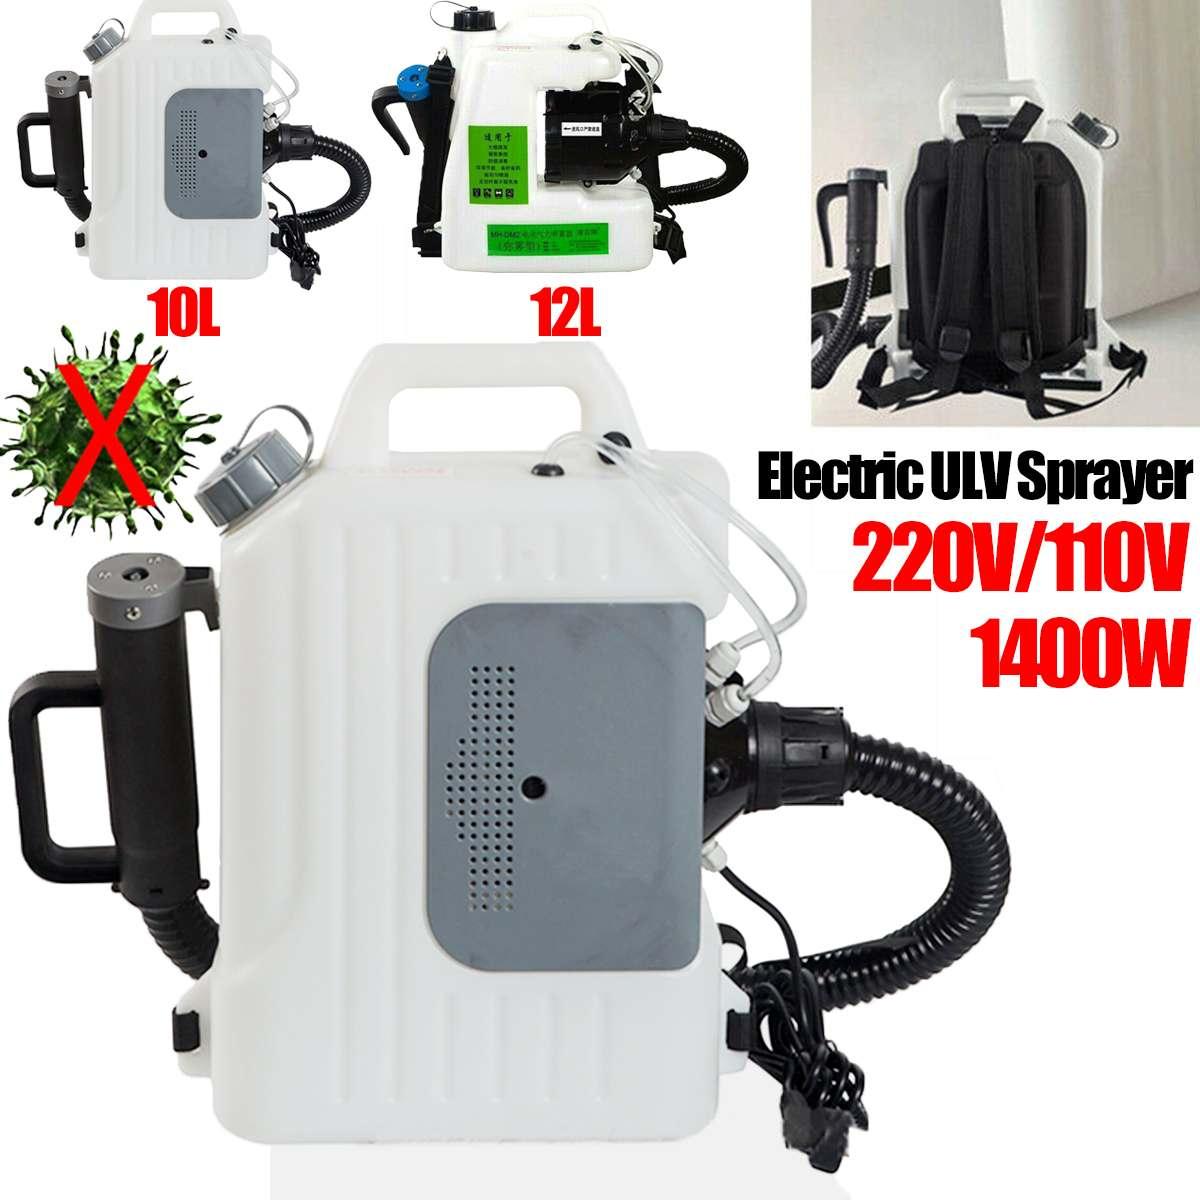 EU US Electric Backpack ULV Sprayer 110V/220V 1400W Ultra Capacity Disinfection Machine Fogger Spray Machine For Hospitals Home